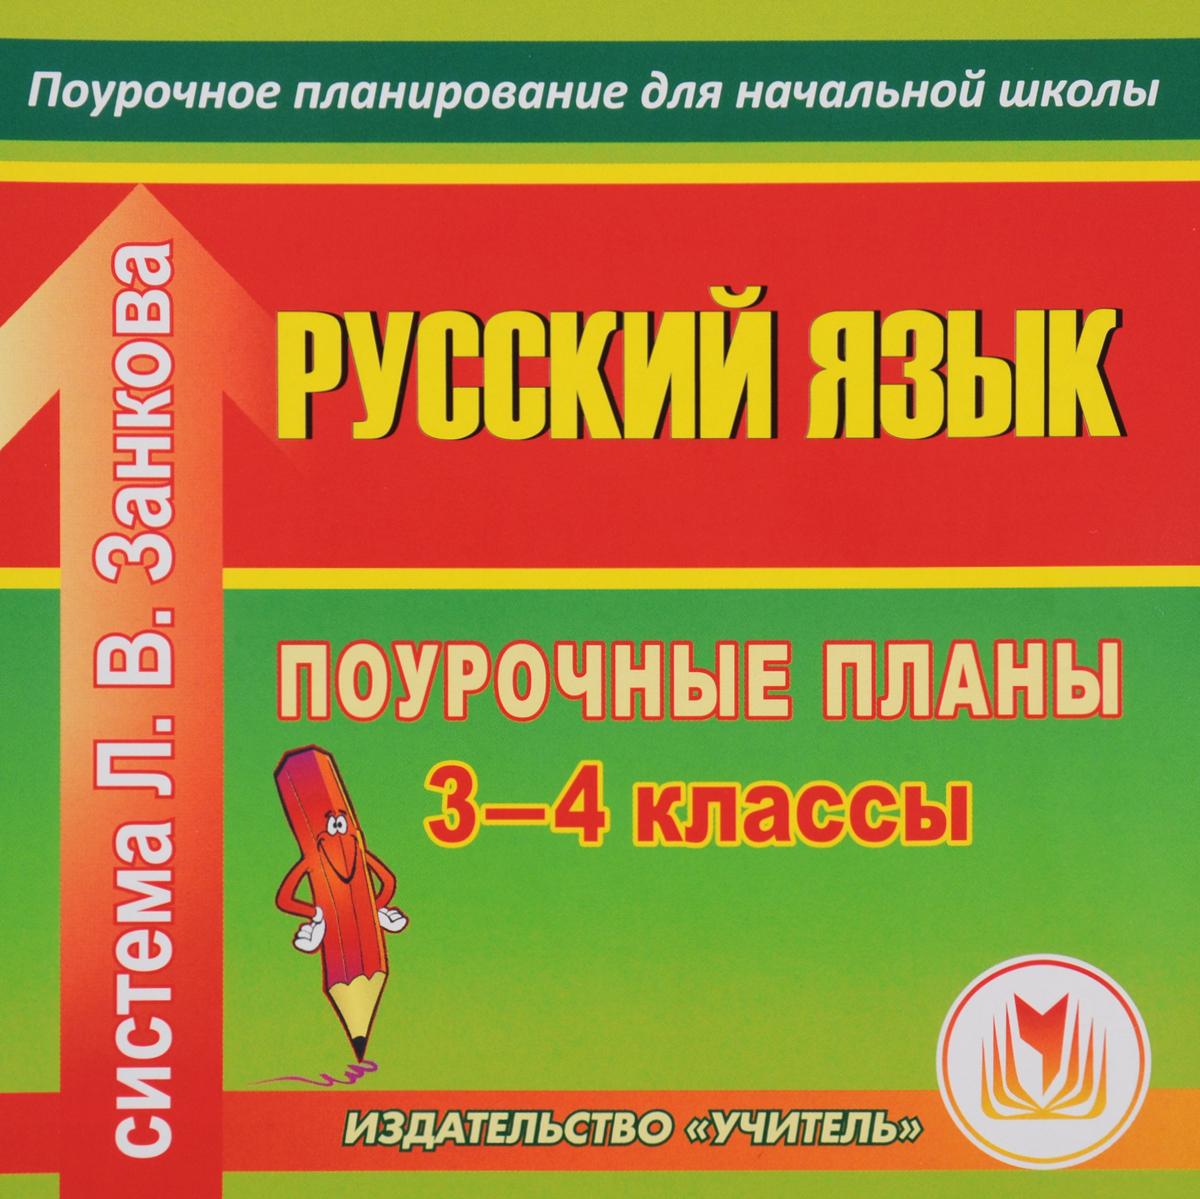 Русский язык. 3-4 классы: поурочные планы по системе Л. В. Занкова с а матвеев русский язык для начальной школы